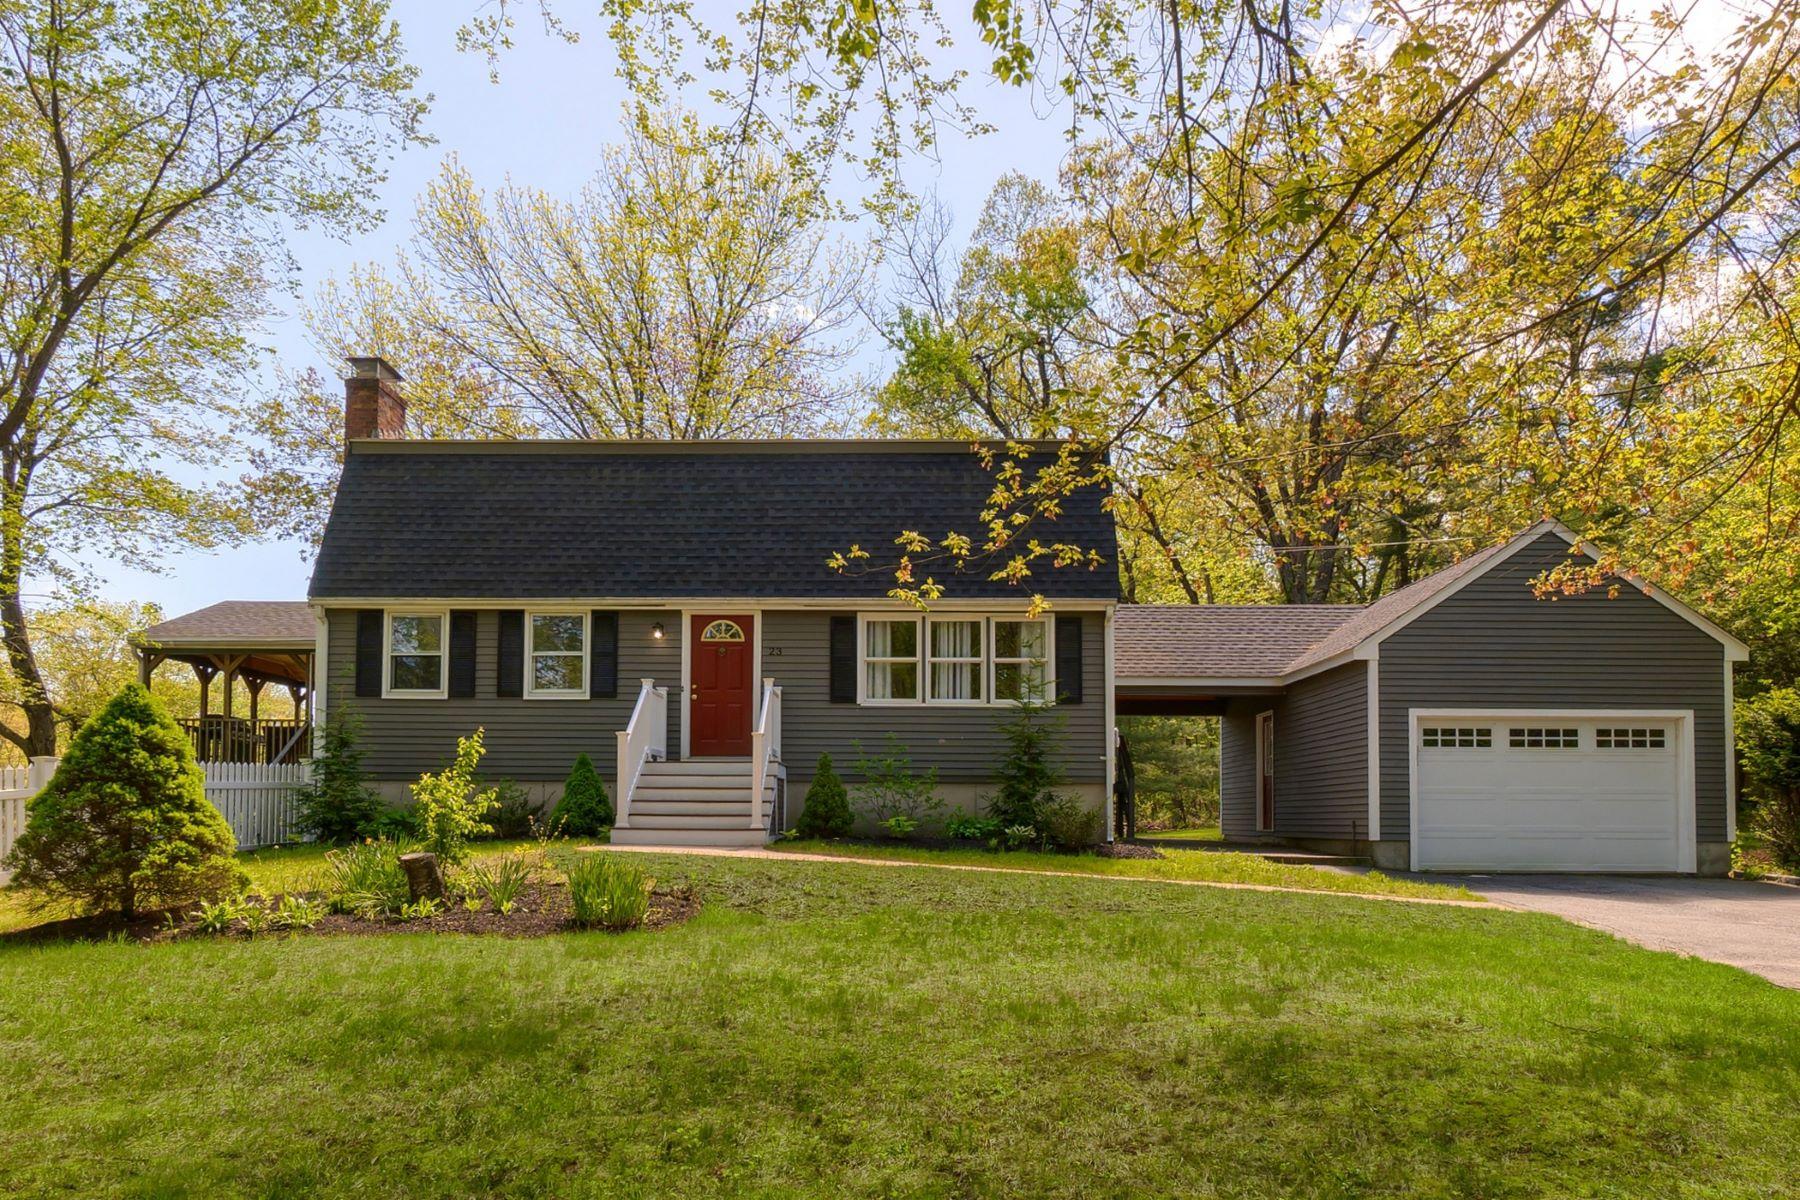 Single Family Homes for Active at 23 Porter Rd., Littleton 23 Porter Rd Littleton, Massachusetts 01460 United States